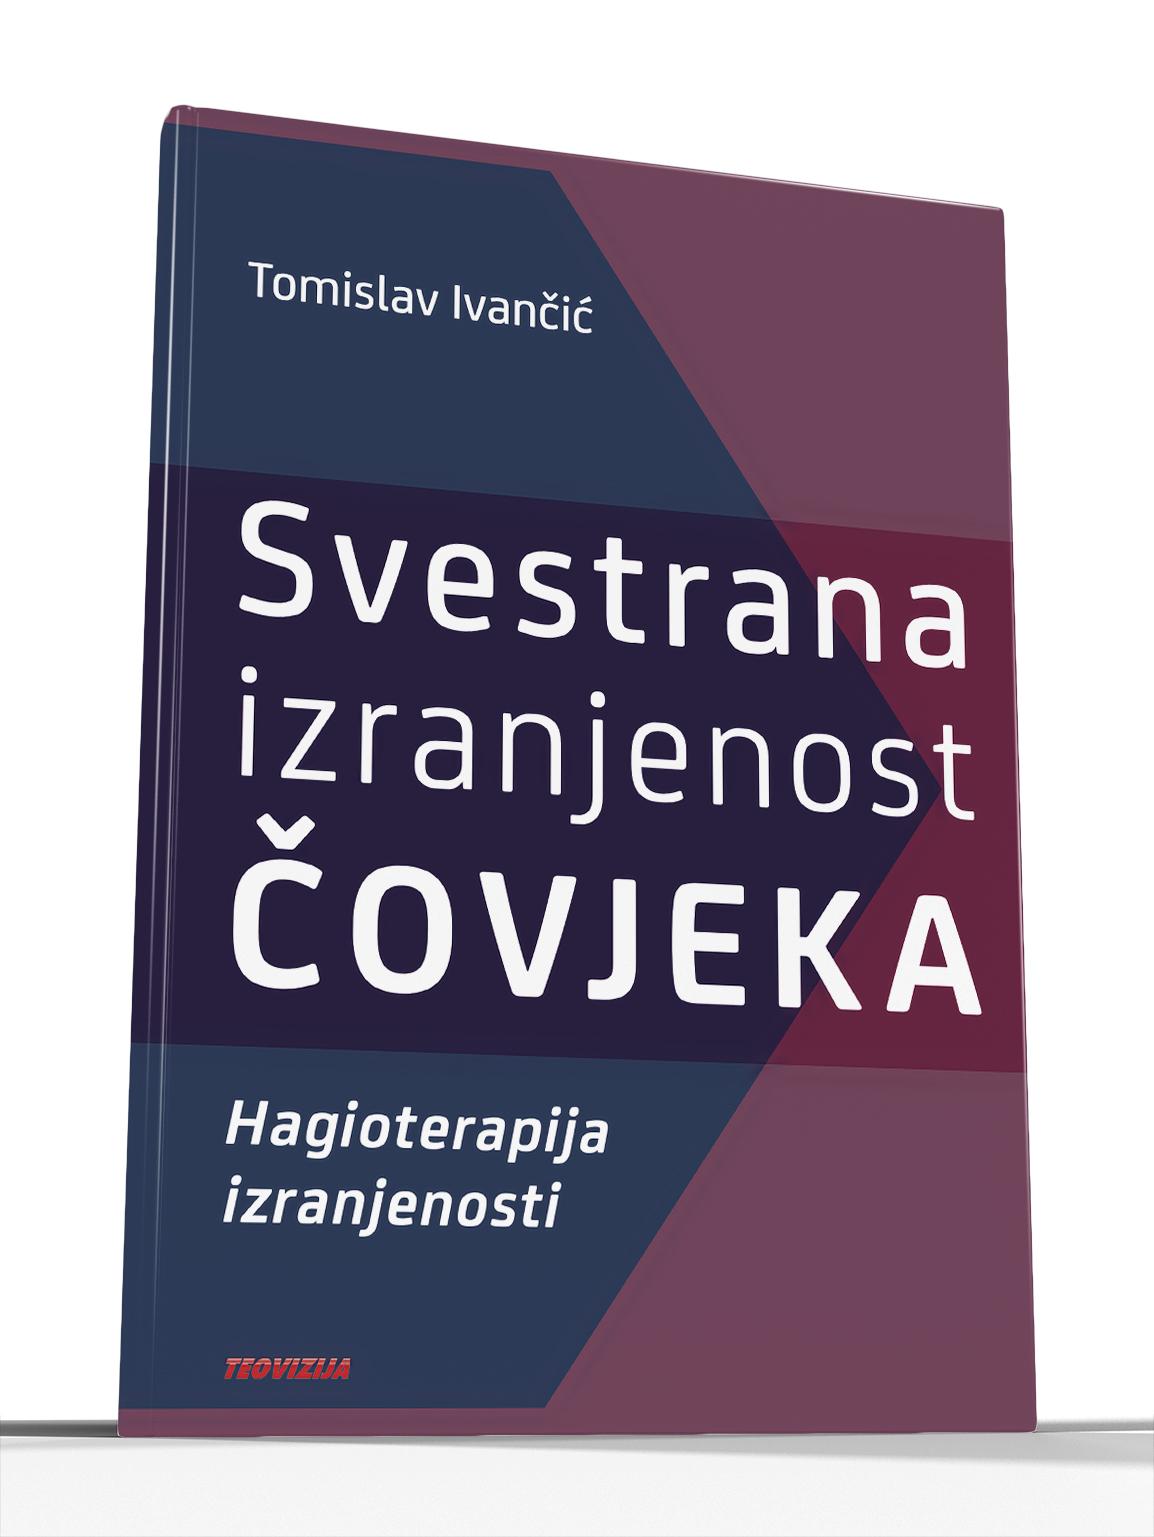 SVESTRANA IZRANJENOST ČOVJEKA (Hagioterapija izranjenosti) - Tomislav Ivančić